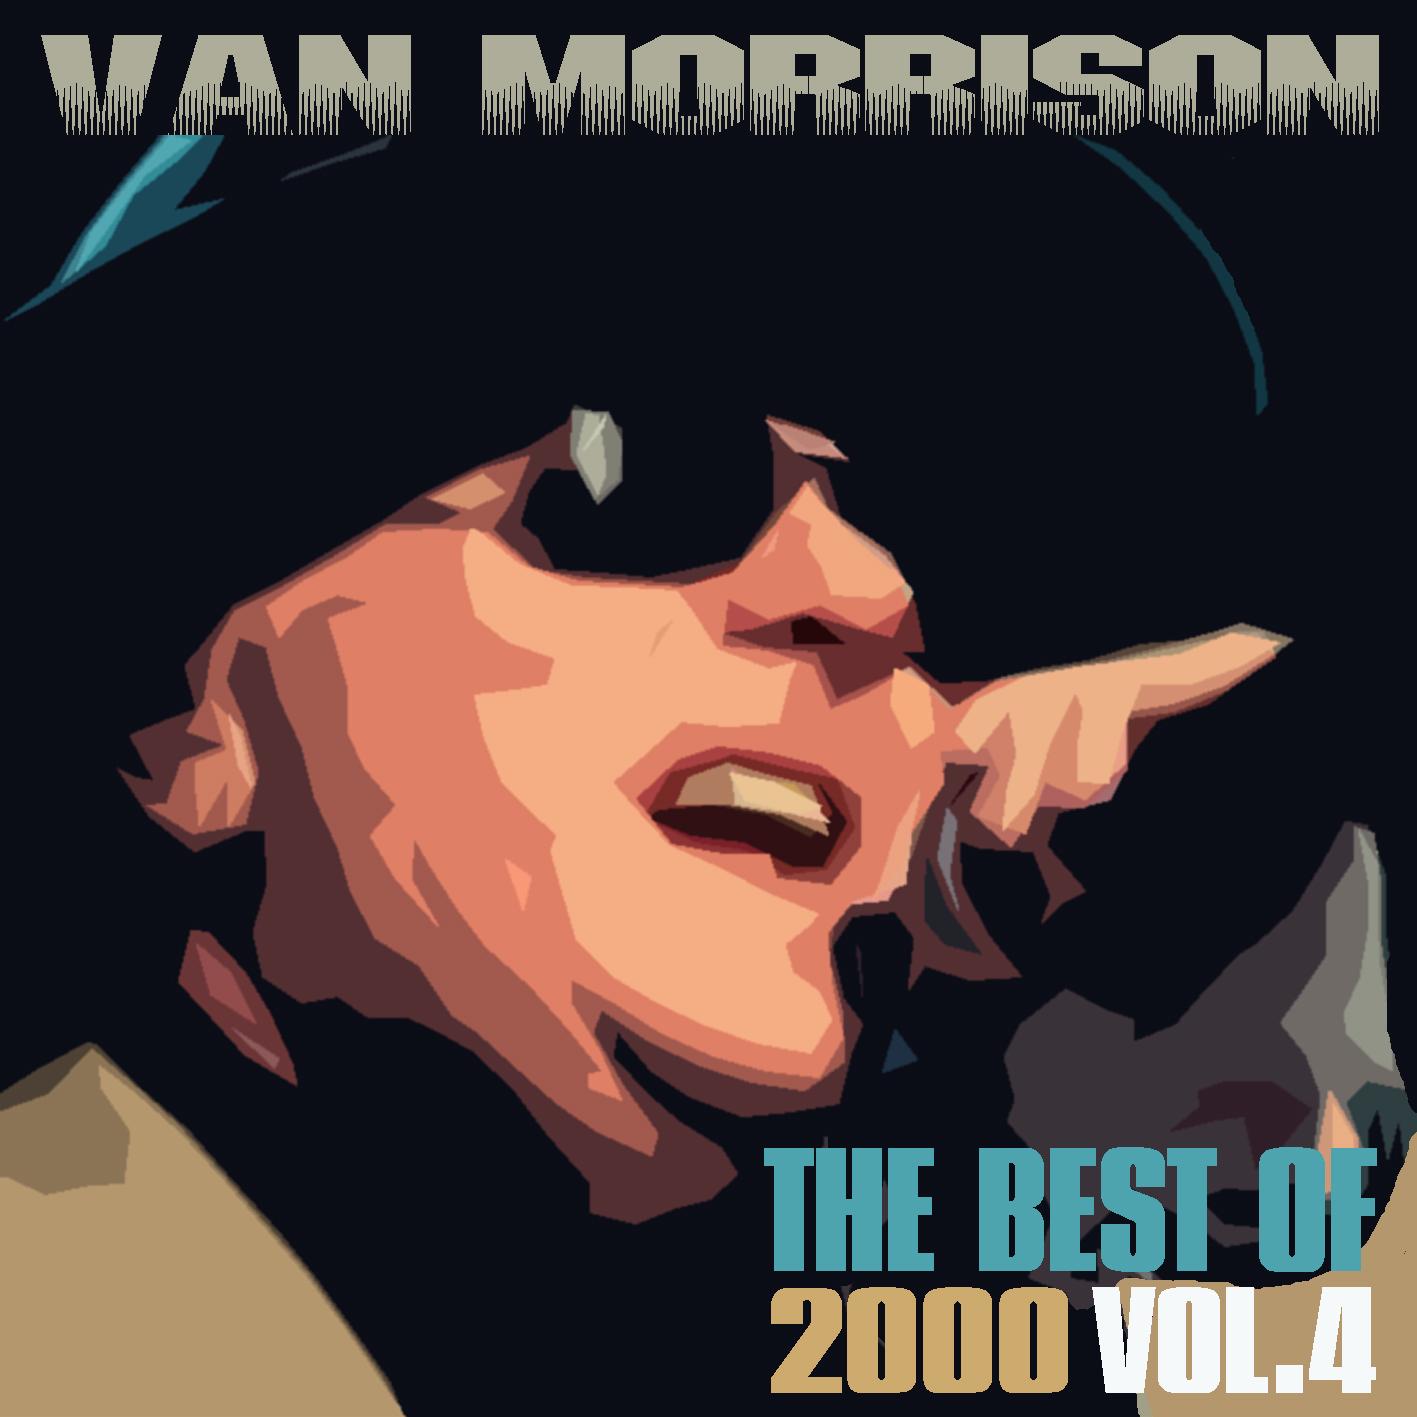 VanMorrison2000BestOfVol4_1.jpg